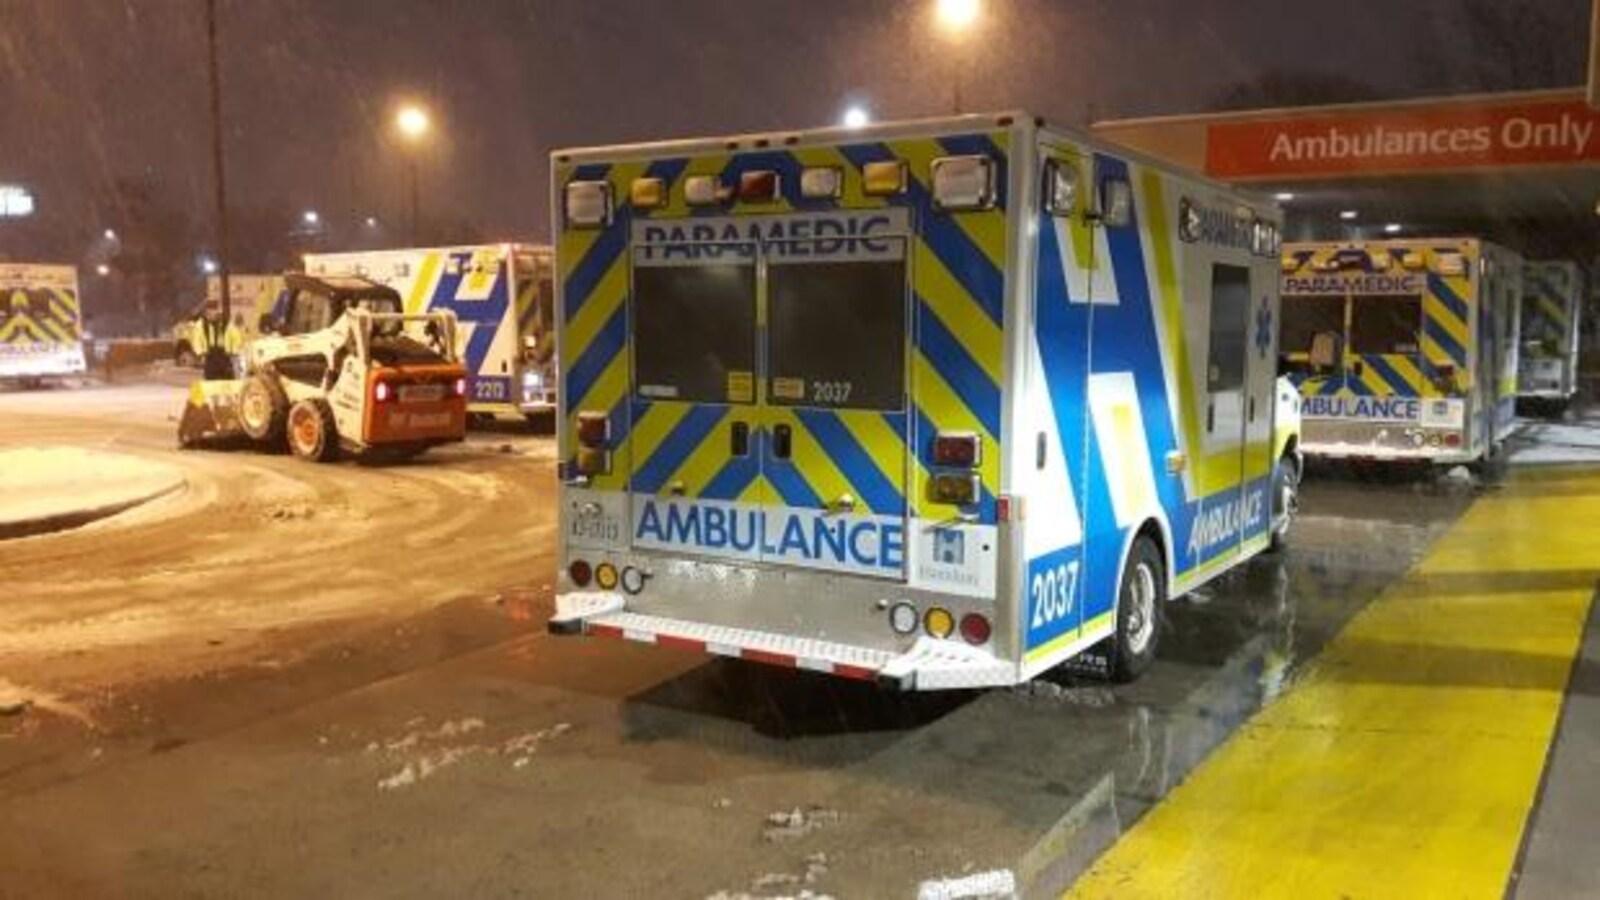 Des ambulances attendent en ligne à l'urgence de l'hôpital Hamilton Health Sciences.